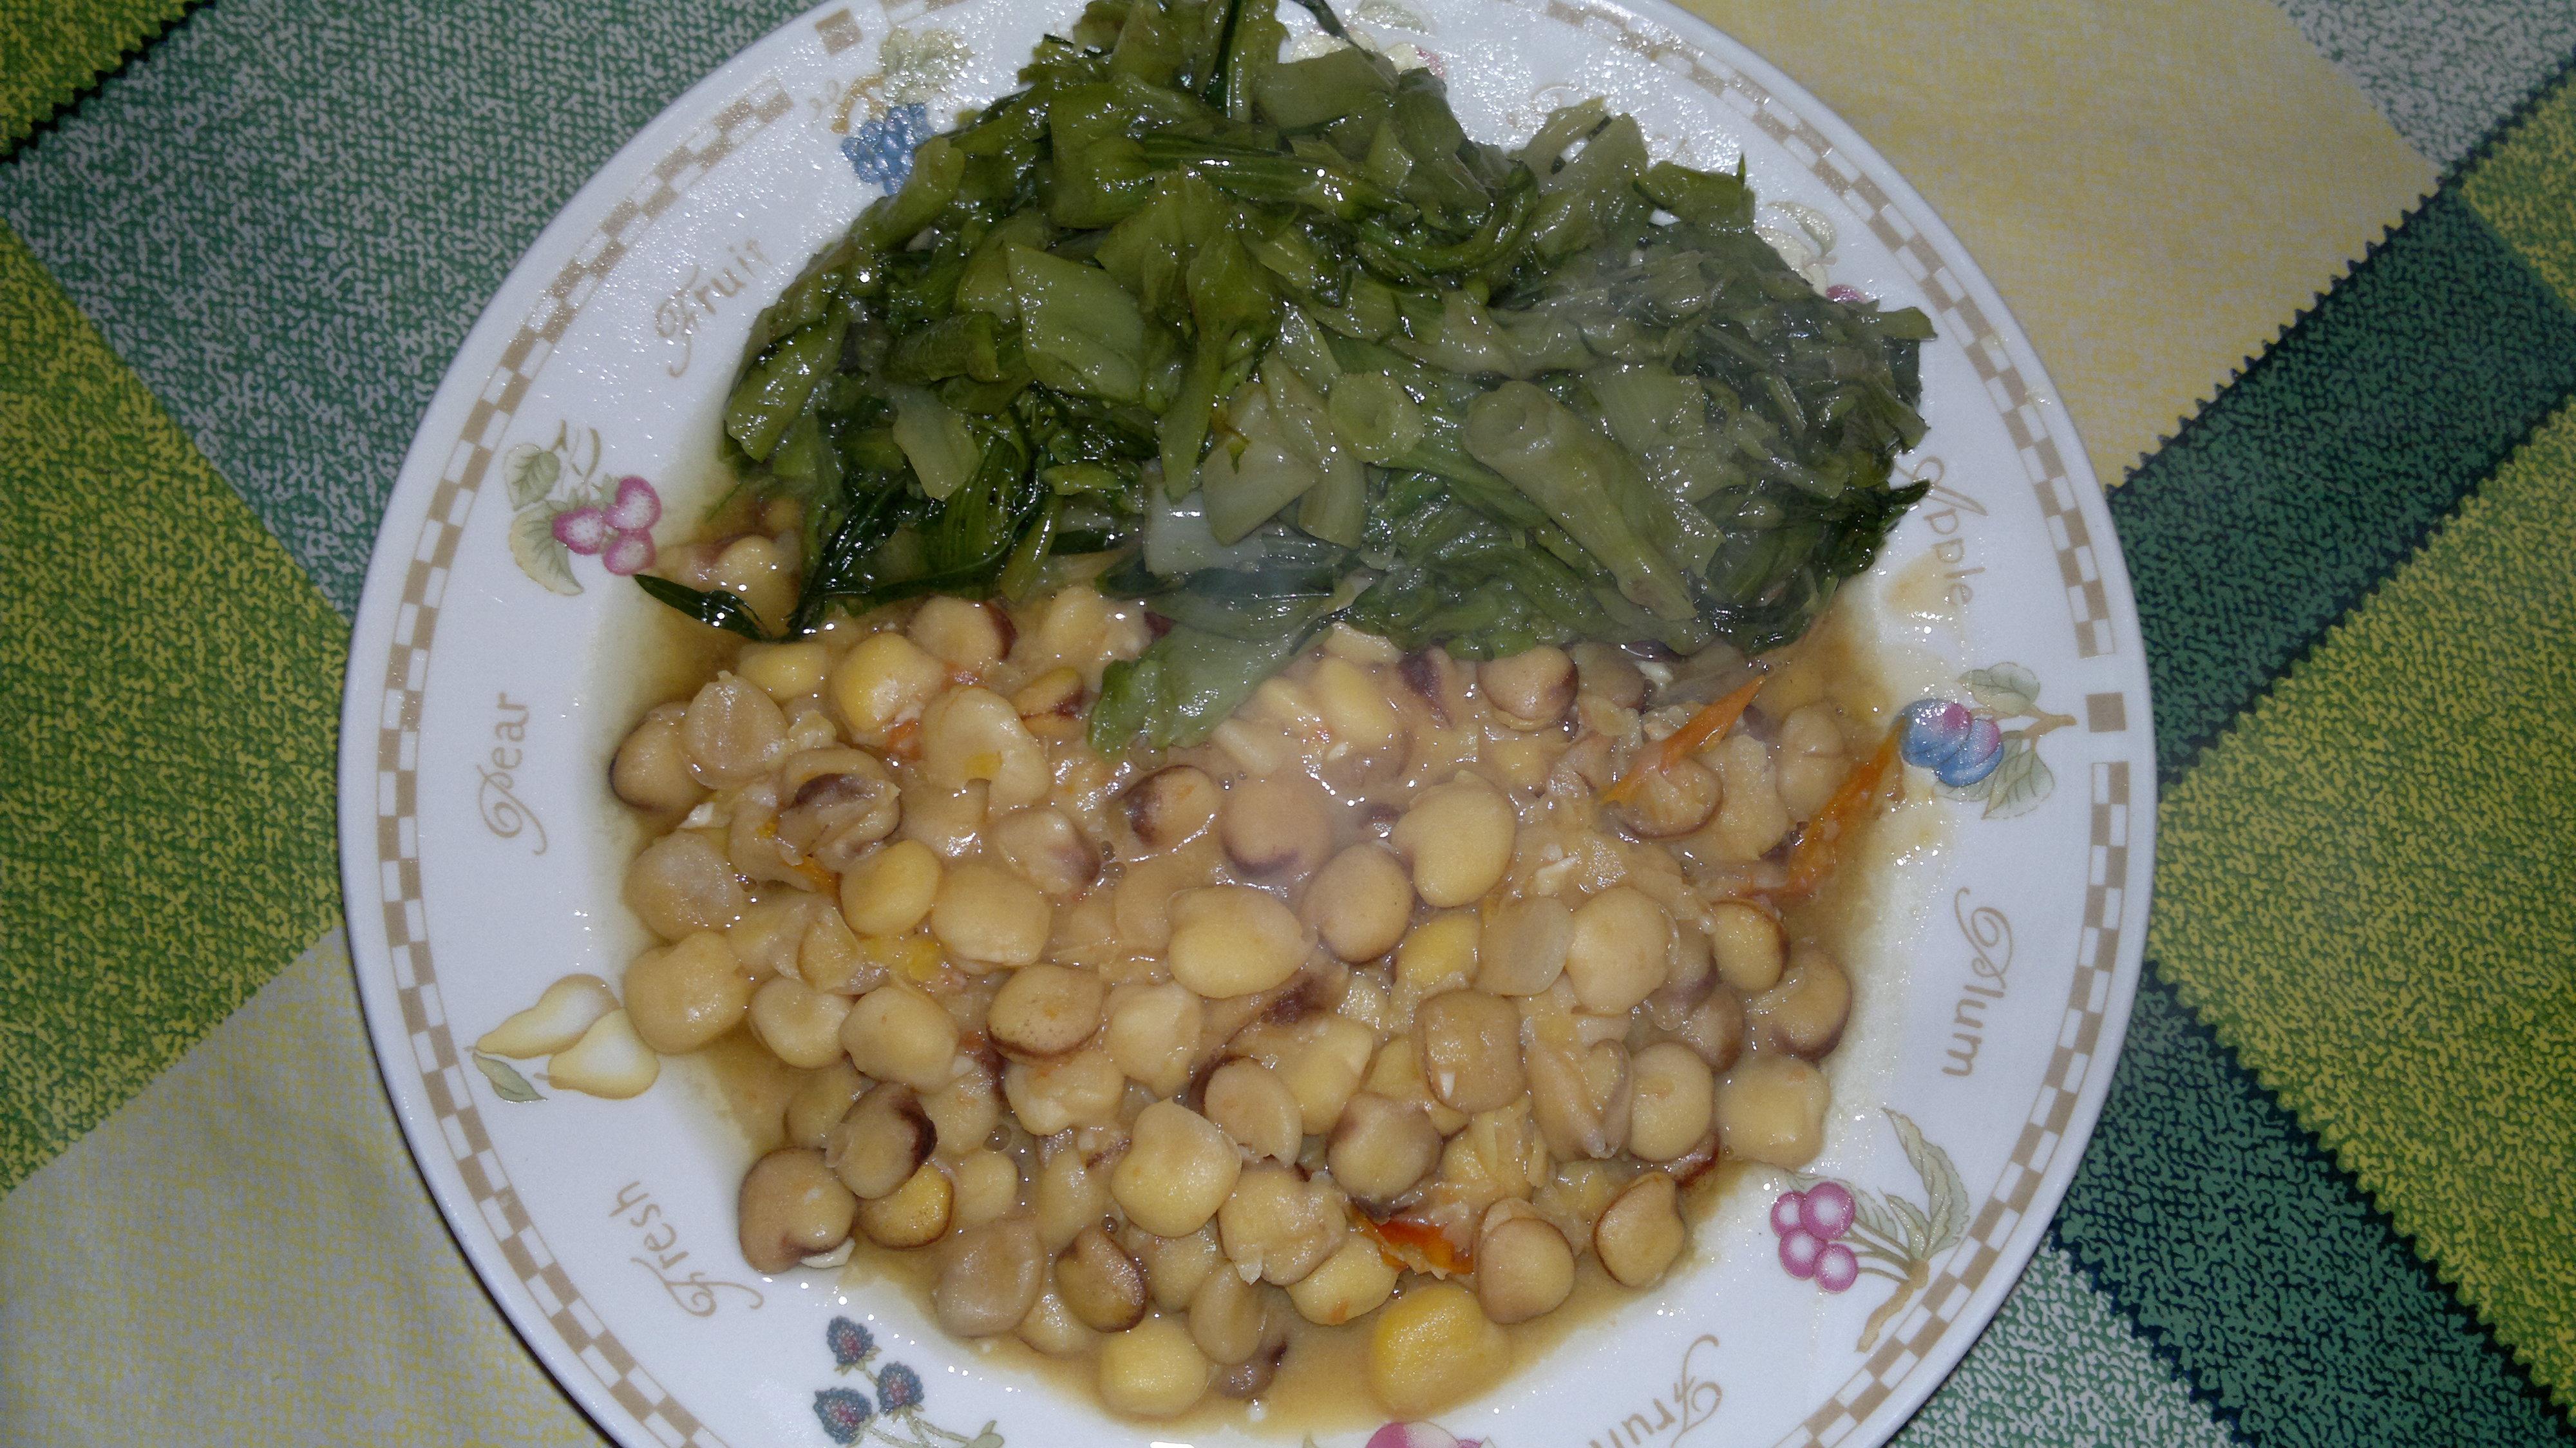 oggiper pranzo ho deciso per la cicerchiaun legume che si trova da per tuttoma che forse si chiama in altri modicomunque dalle mie parti si prepara